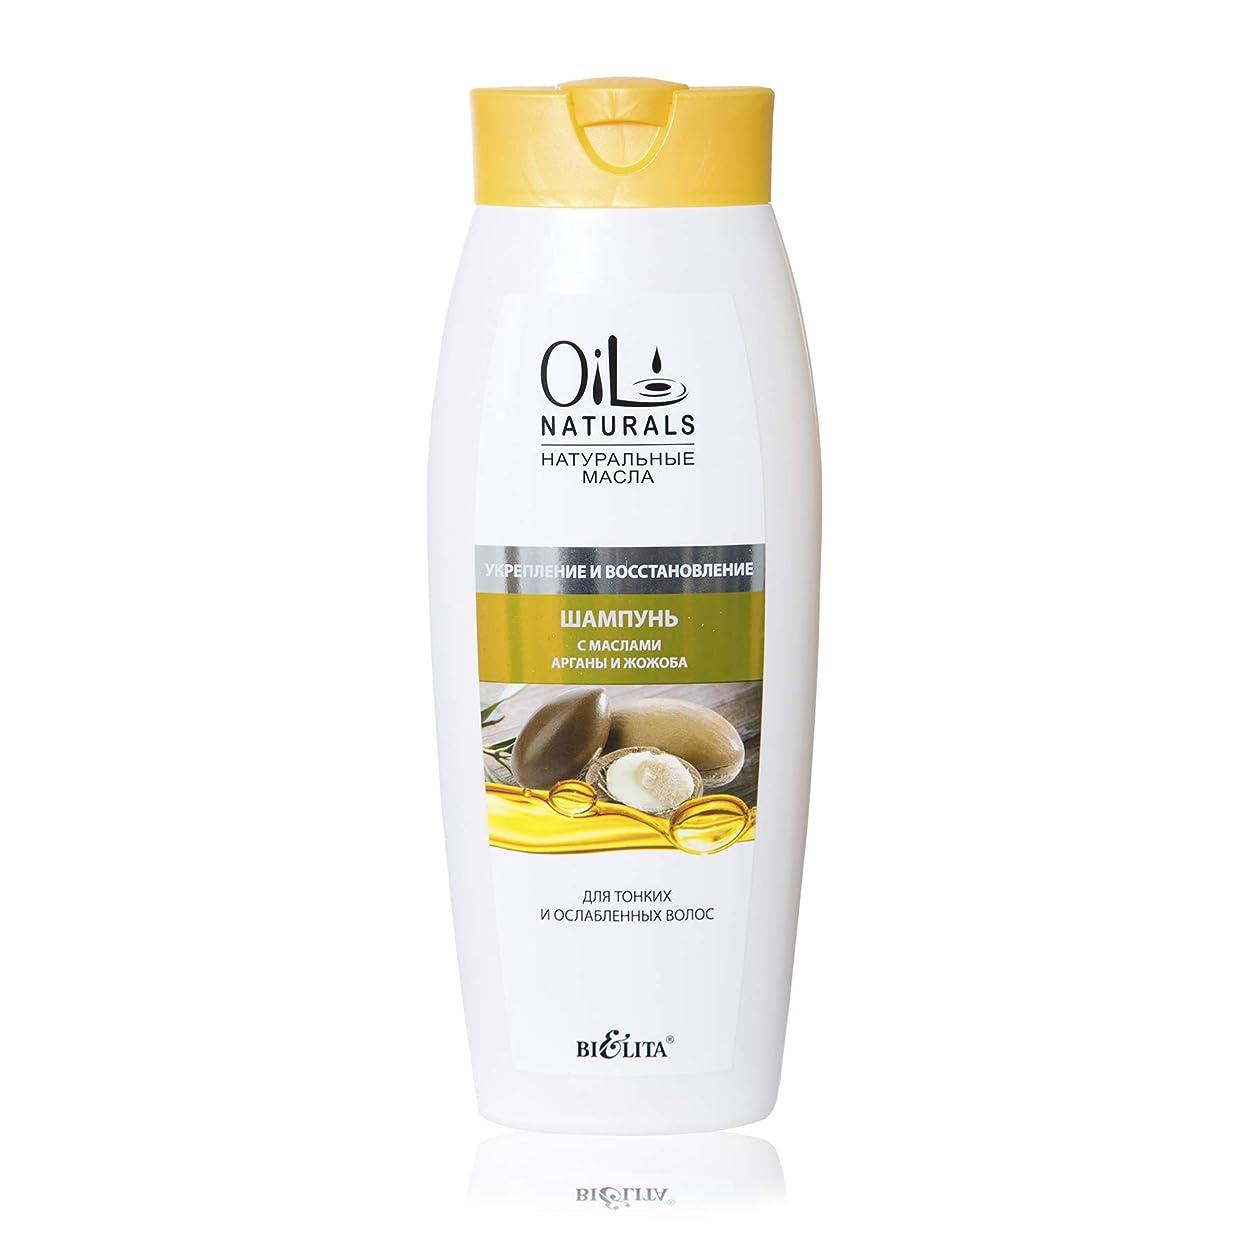 スカウトストリーム栄養Bielita & Vitex Oil Naturals Line | Strengthening & Restoring Shampoo for Thin Hair, 430 ml | Argan Oil, Silk Proteins, Jojoba Oil, Vitamins